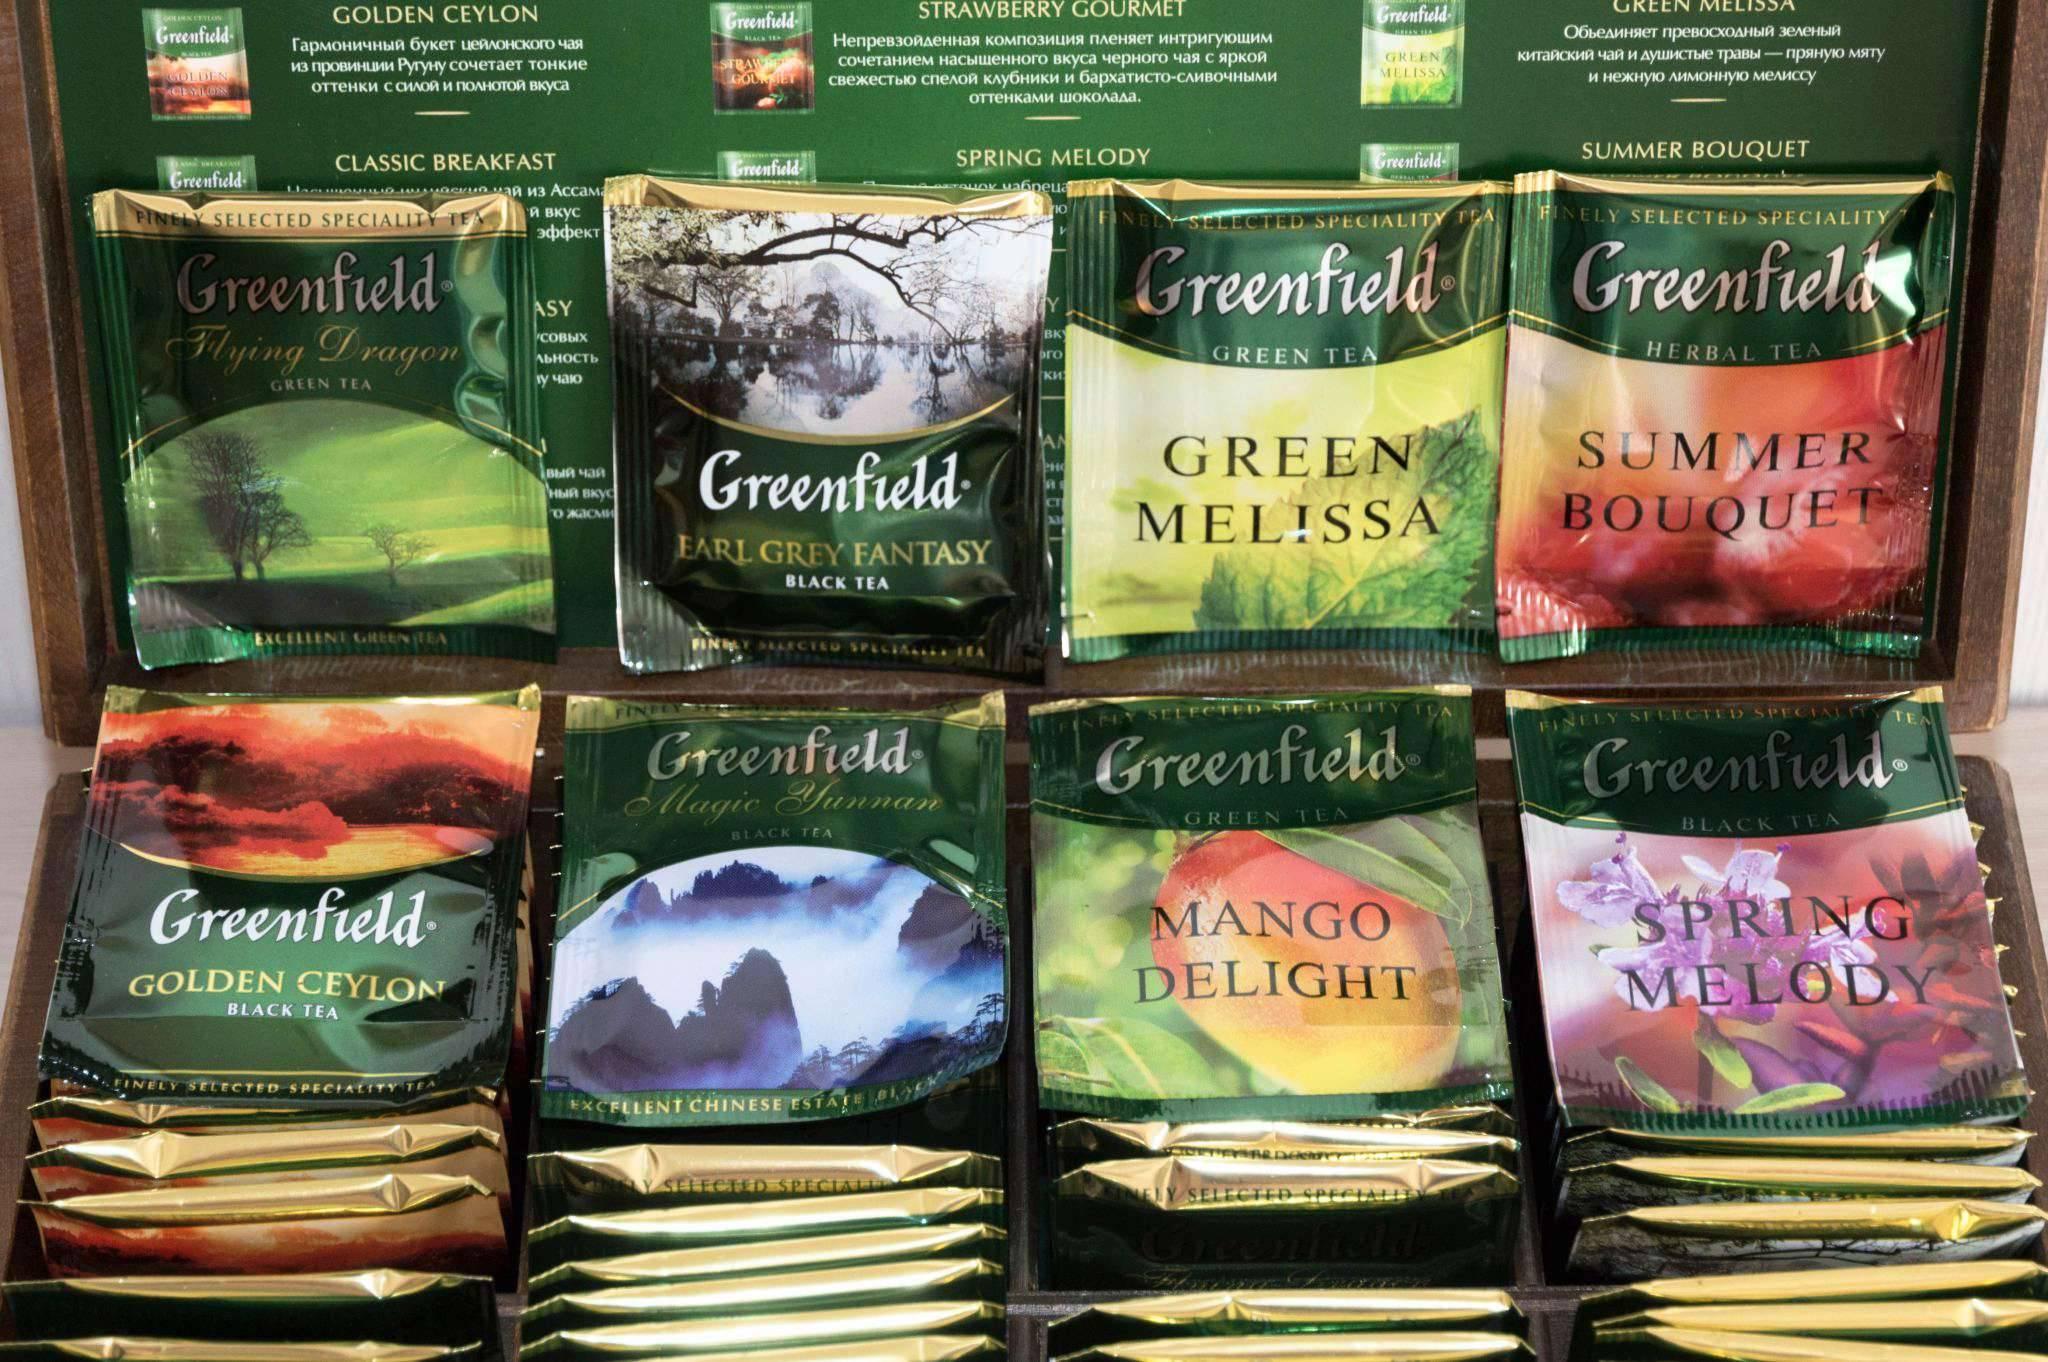 Топ 10 лучших марок черного чая в пакетиках: рейтинг, страна происхождения, какой купить. выбираем лучший крупнолистовой чай